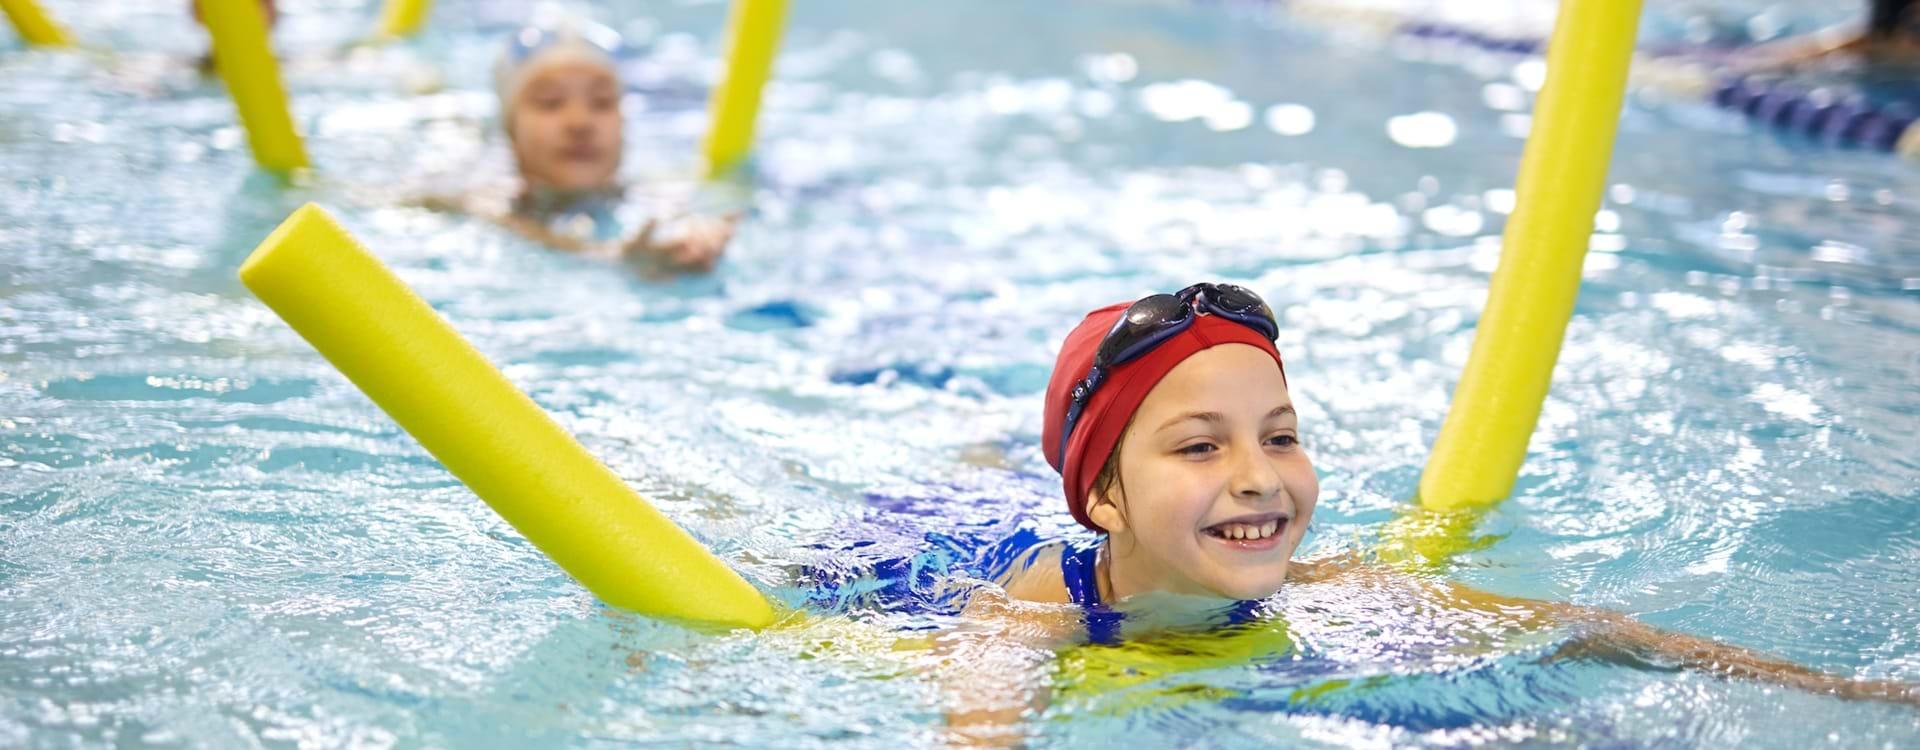 Svømning med hjælpemidler